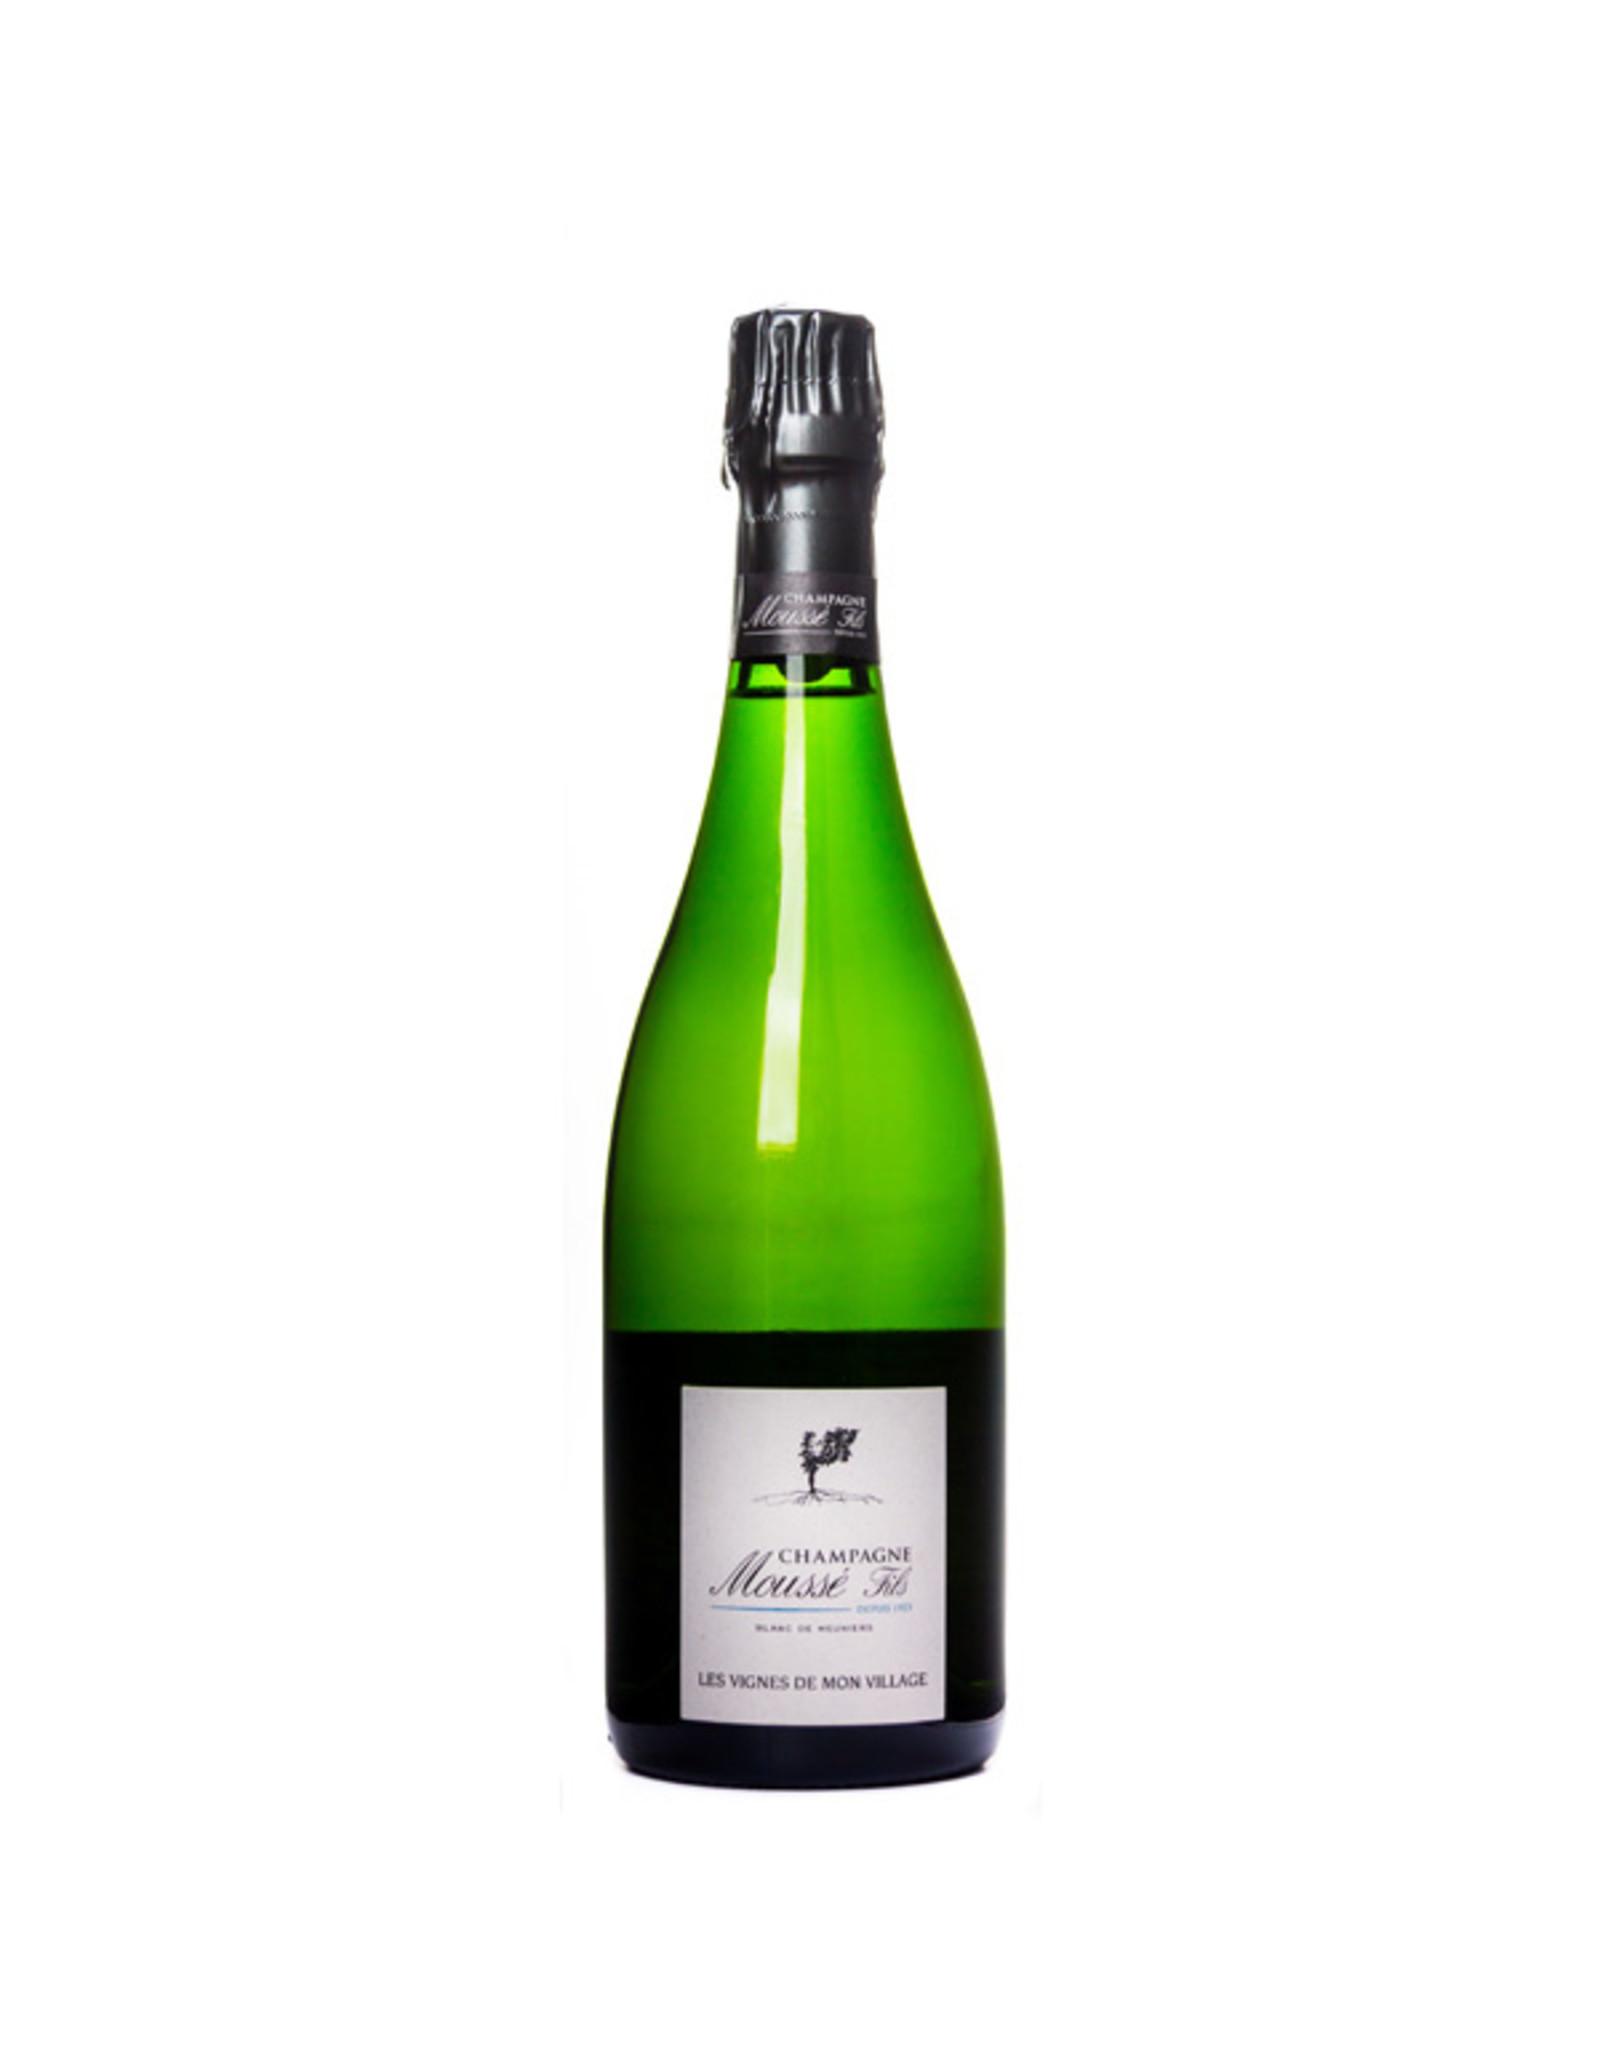 Champagne Moussé, Cuisles Moussé Champagne Vignes de mon Village